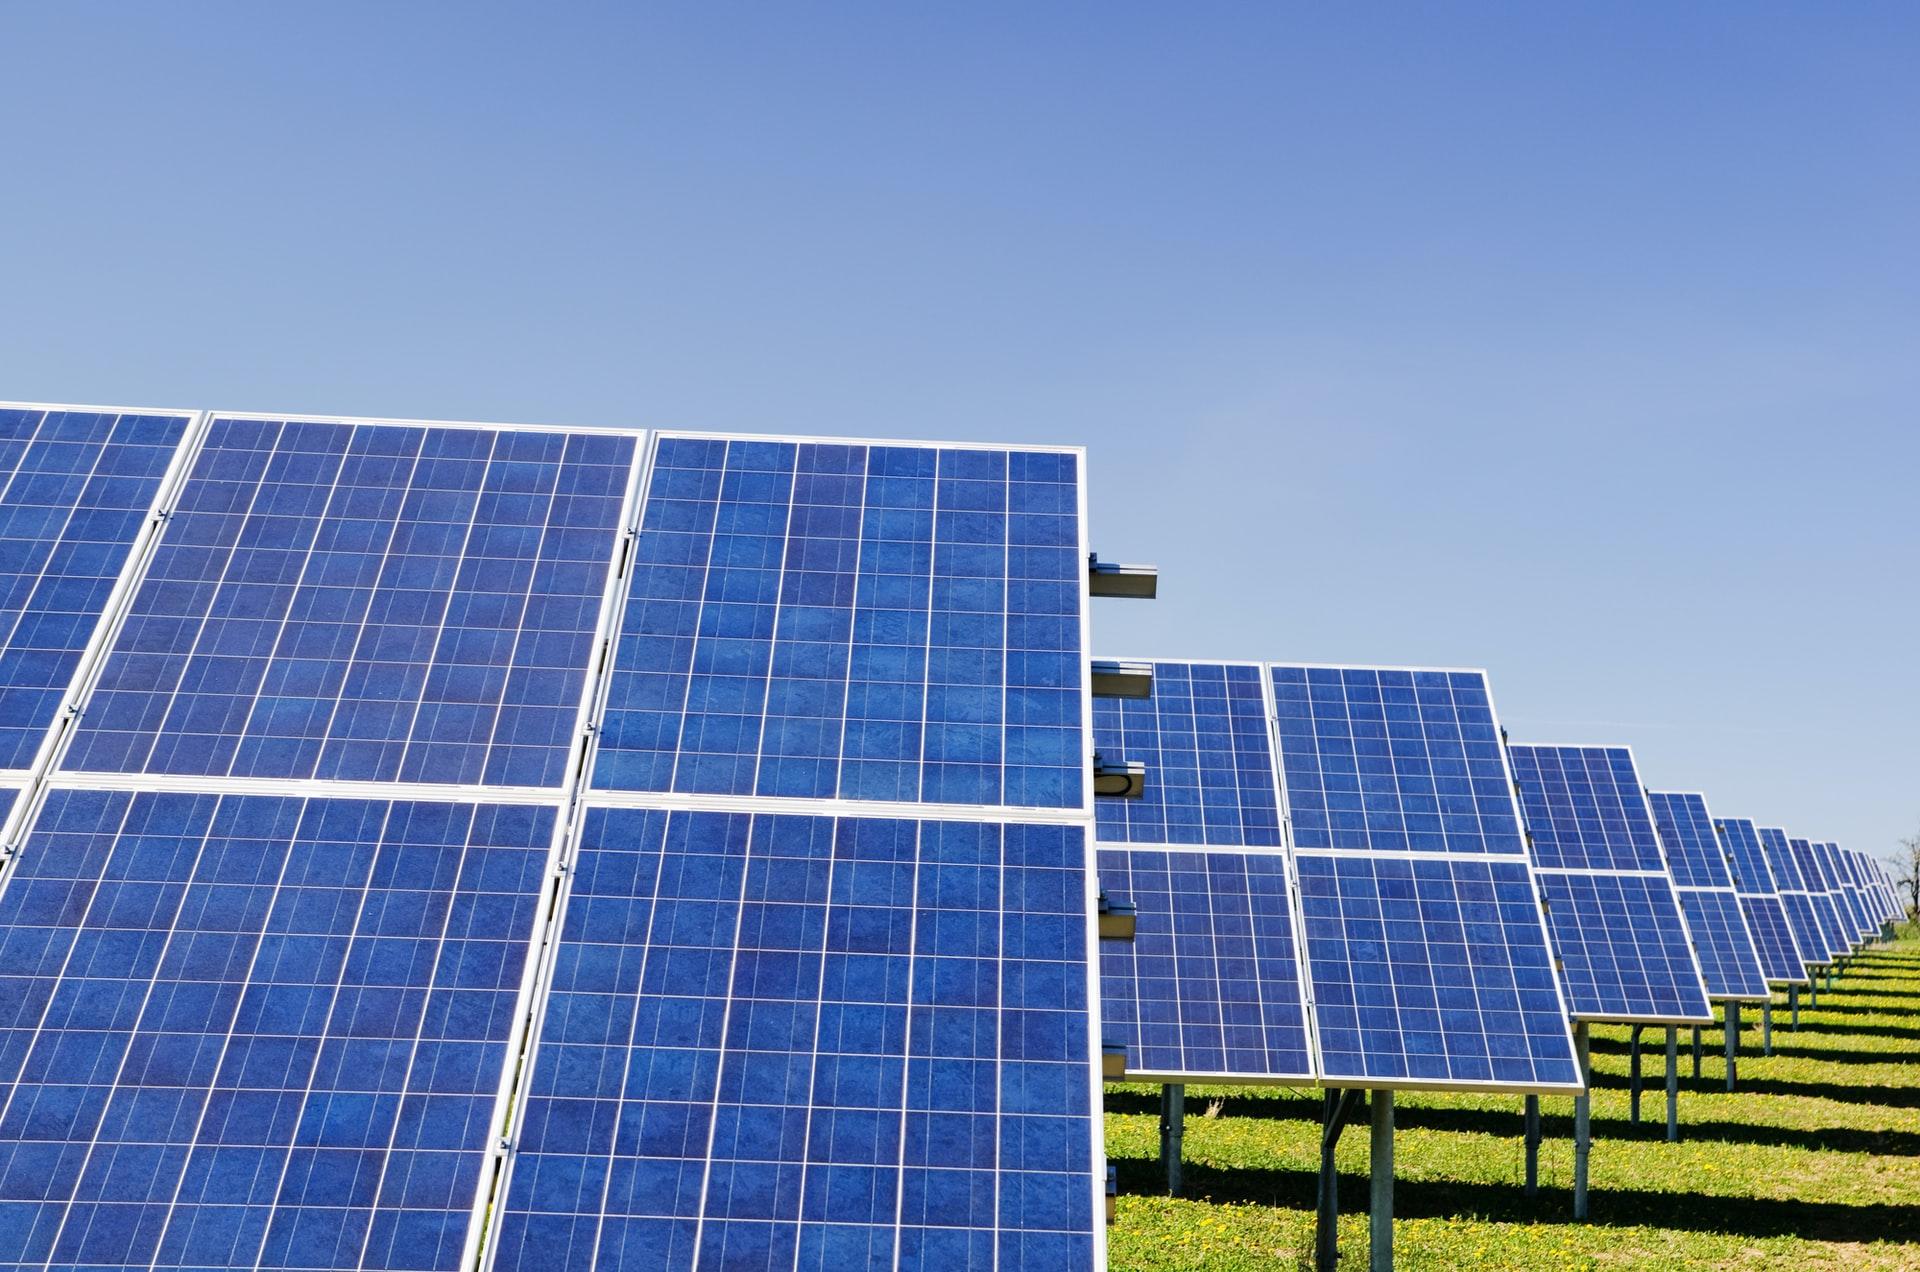 クレジット第11回入札が決定。再エネ発電は競争が激化する?!